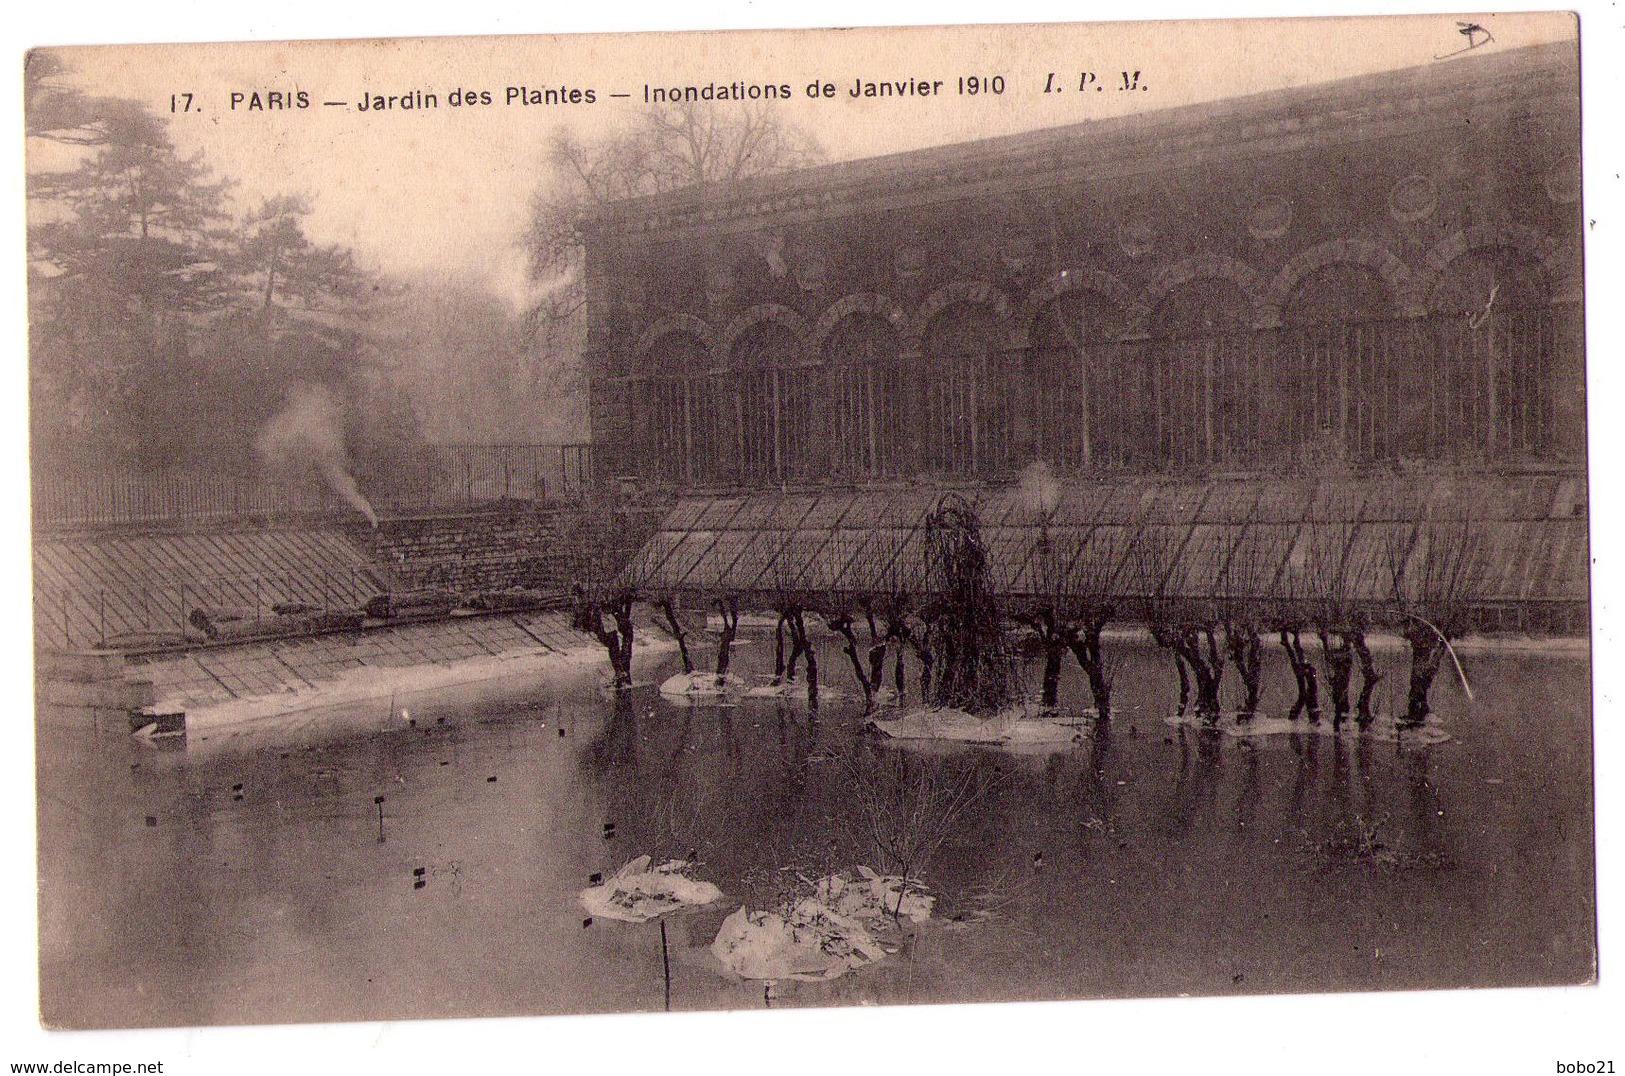 3340 - Paris 5e - Jardin Des Plantes - Inondations De Janvier 1910 - I8.P.M. N°17 - - Paris (05)